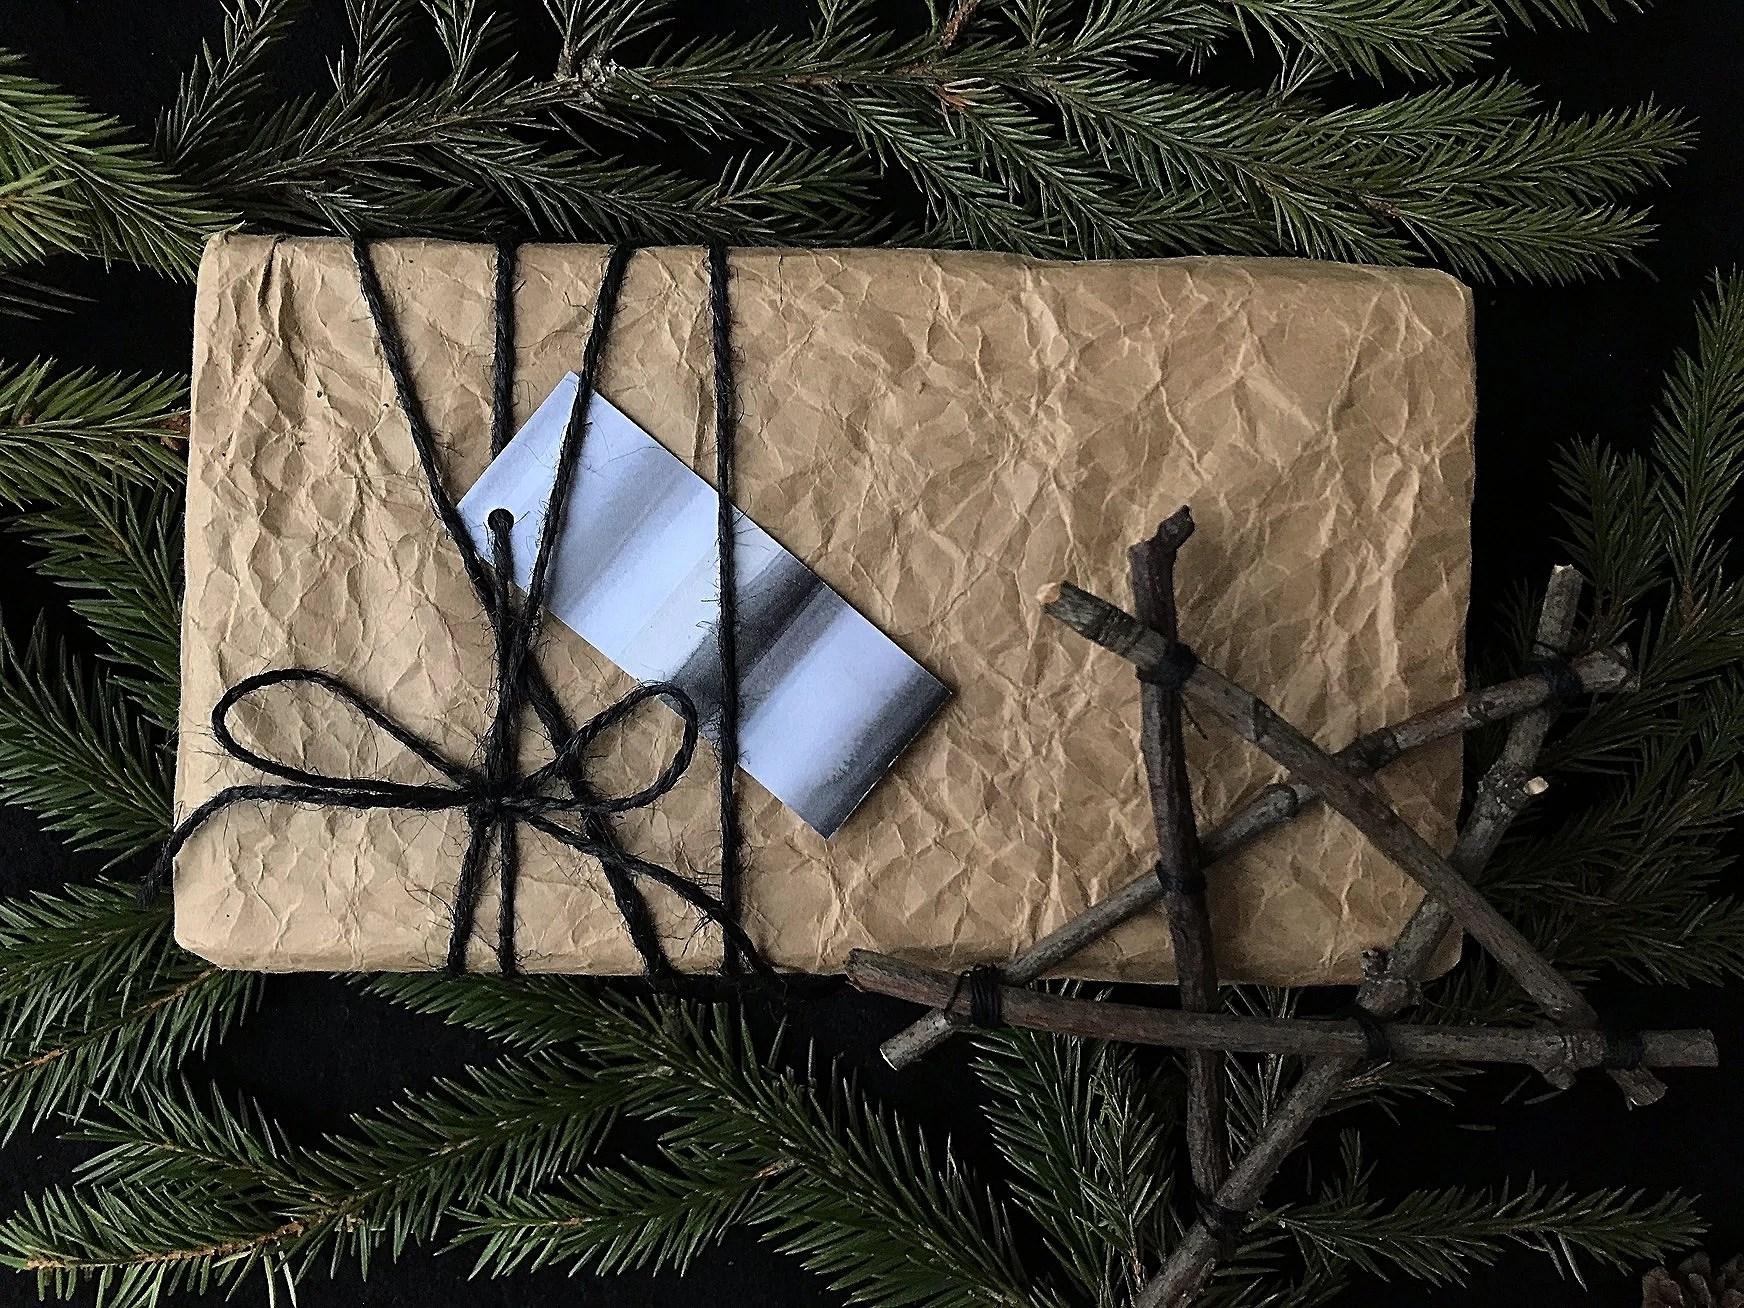 Hållbar jul. Paketinslagning. Miljötänk. DIY. Slå in julklappa